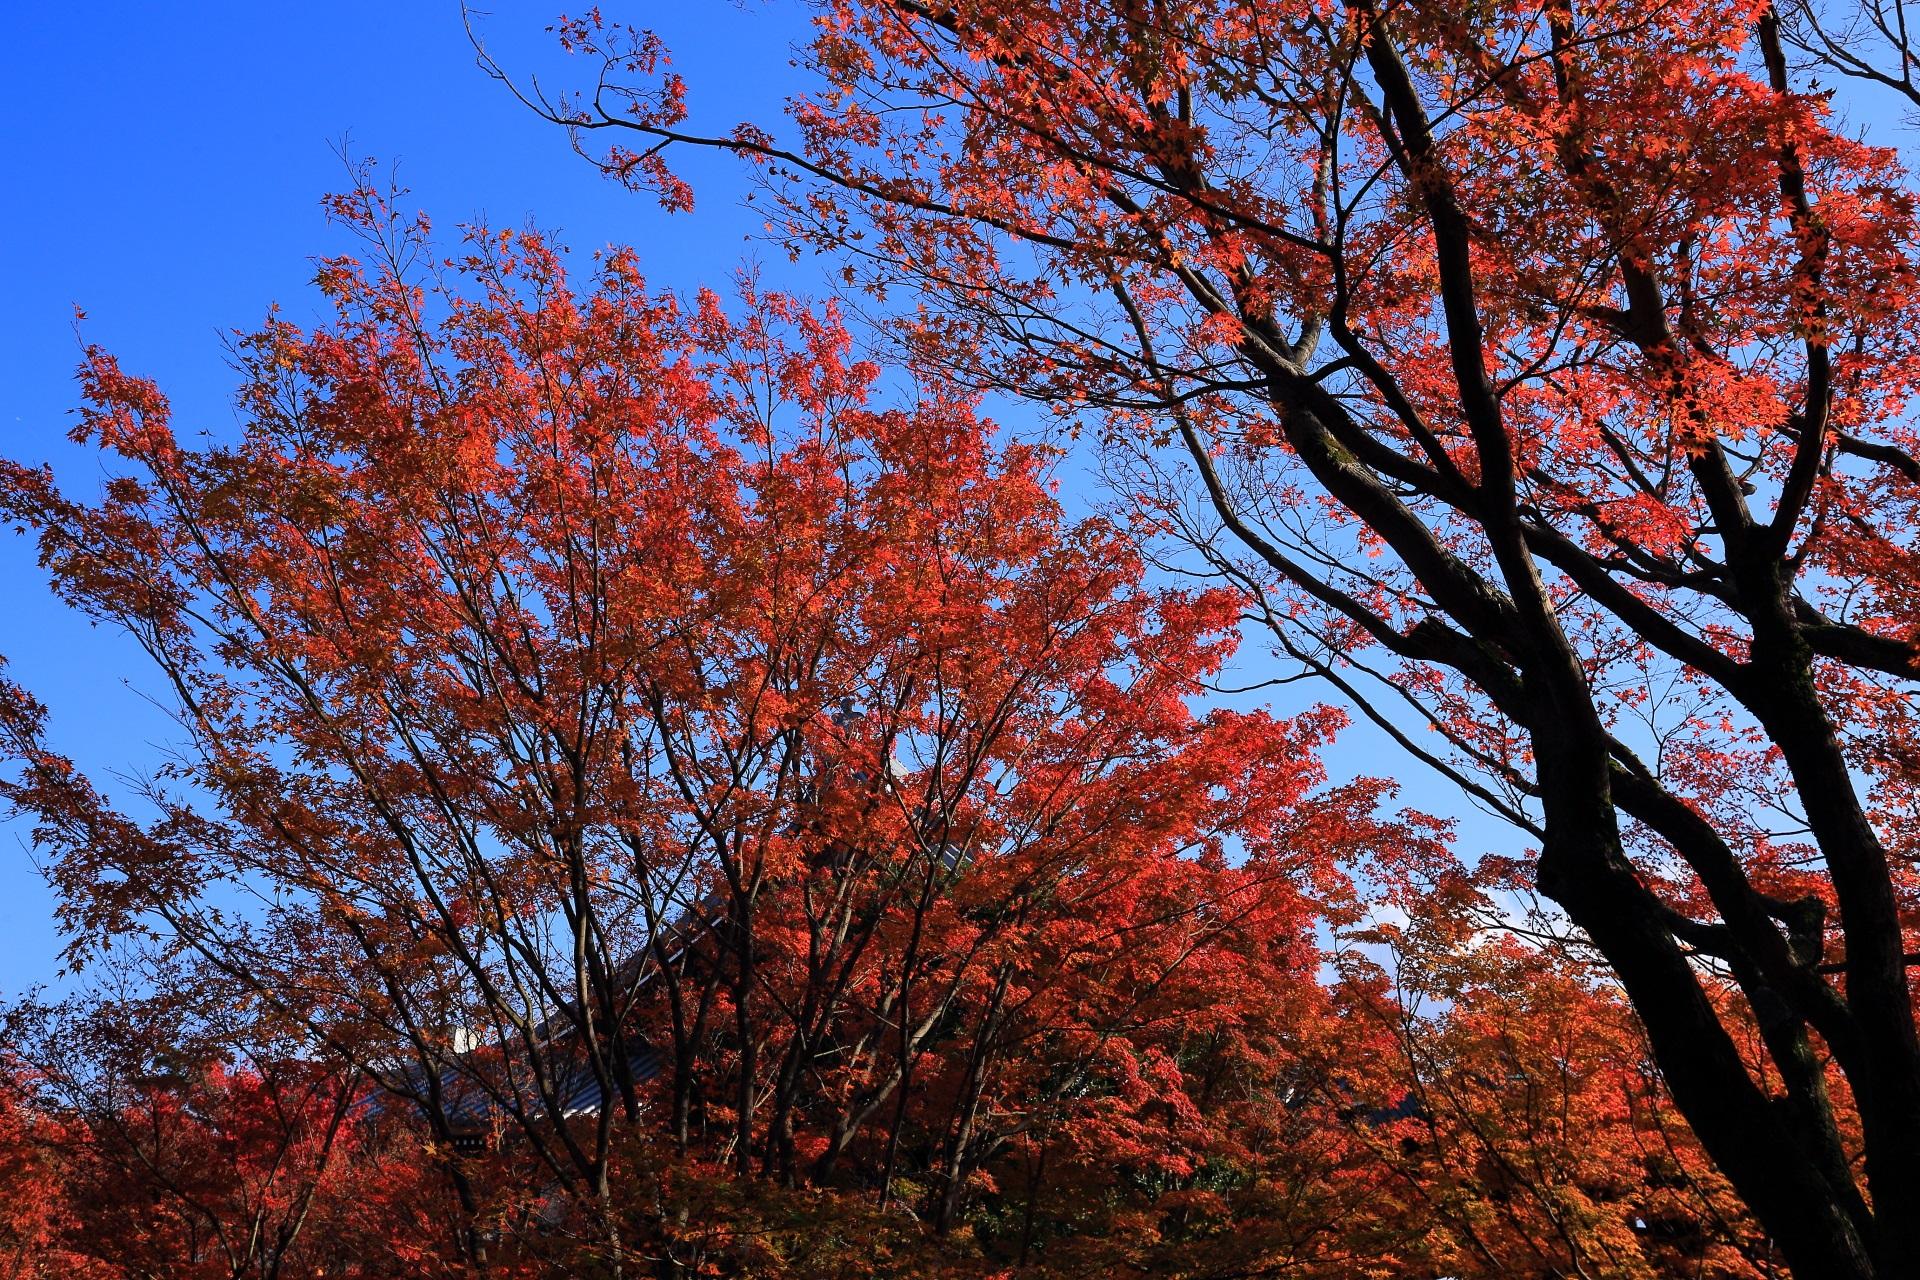 青空を染める溢れんばかりの輝く秋色